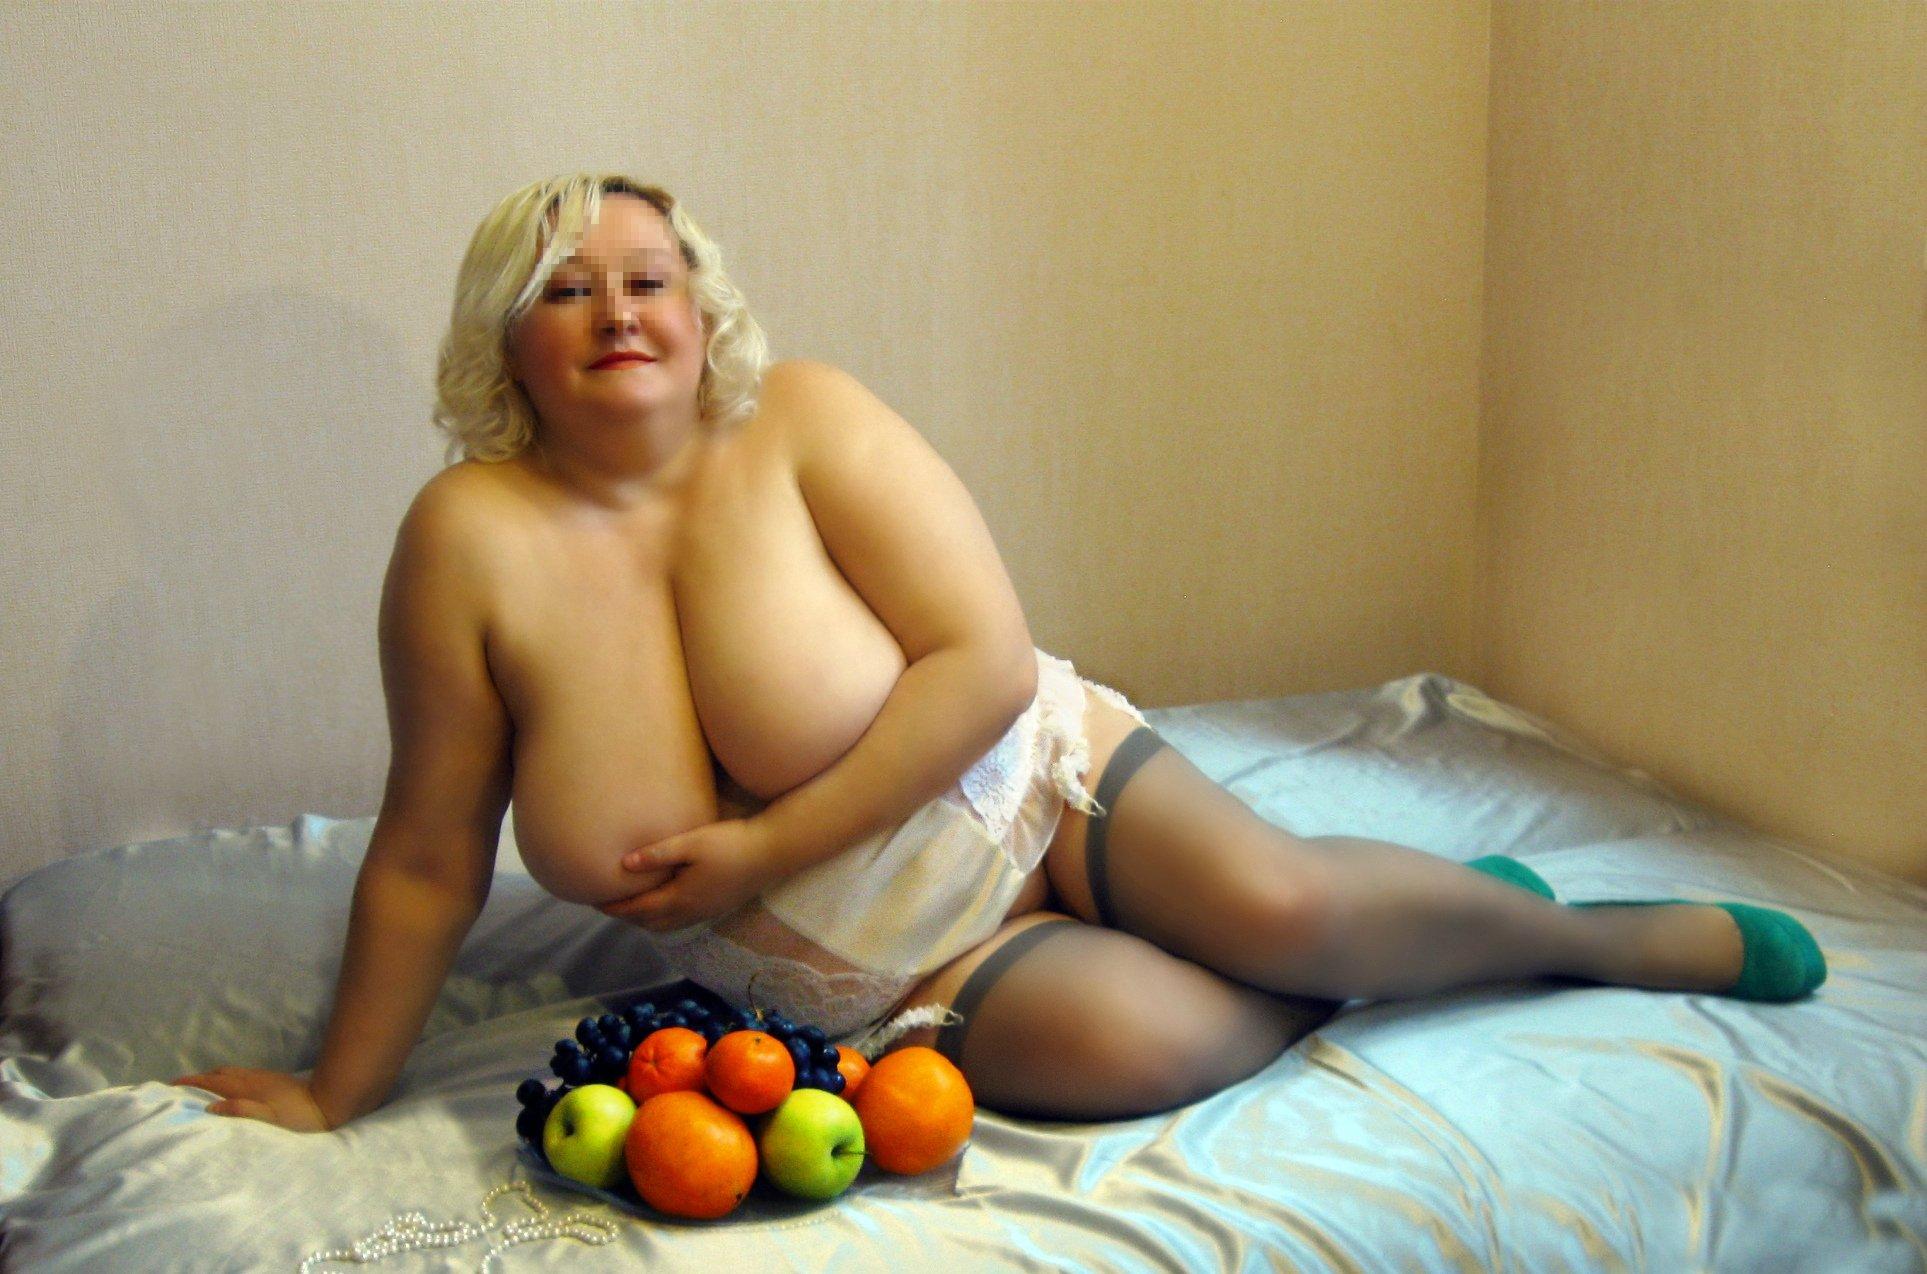 Проститутка 44 года новочеркасск снять проститутку